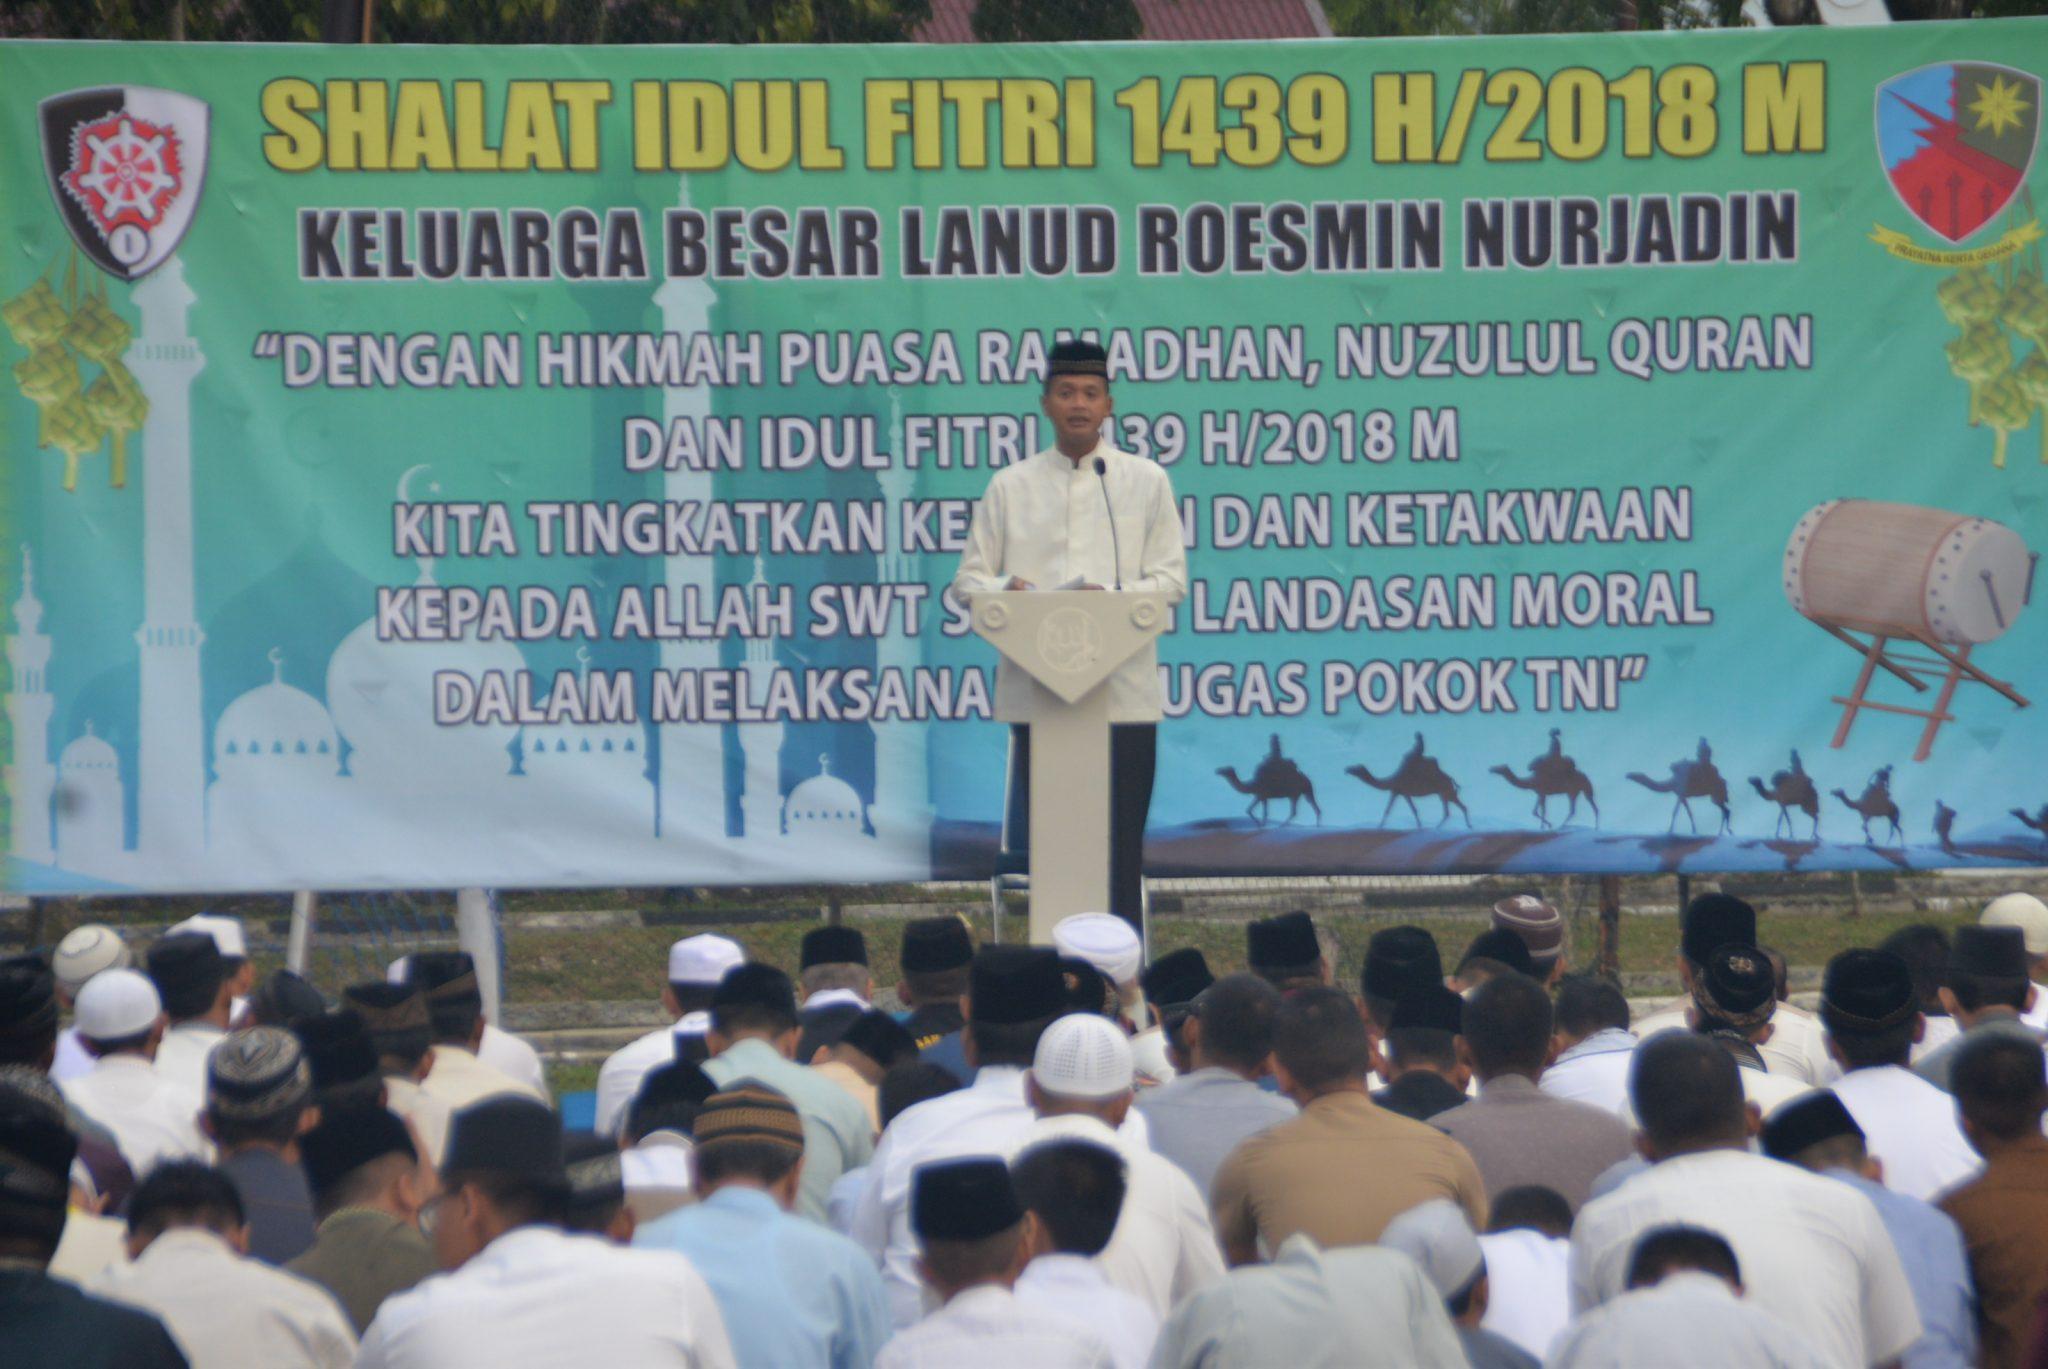 Shalat Idul Fitri 1439 H di Lanud Roesmin Nurjadin